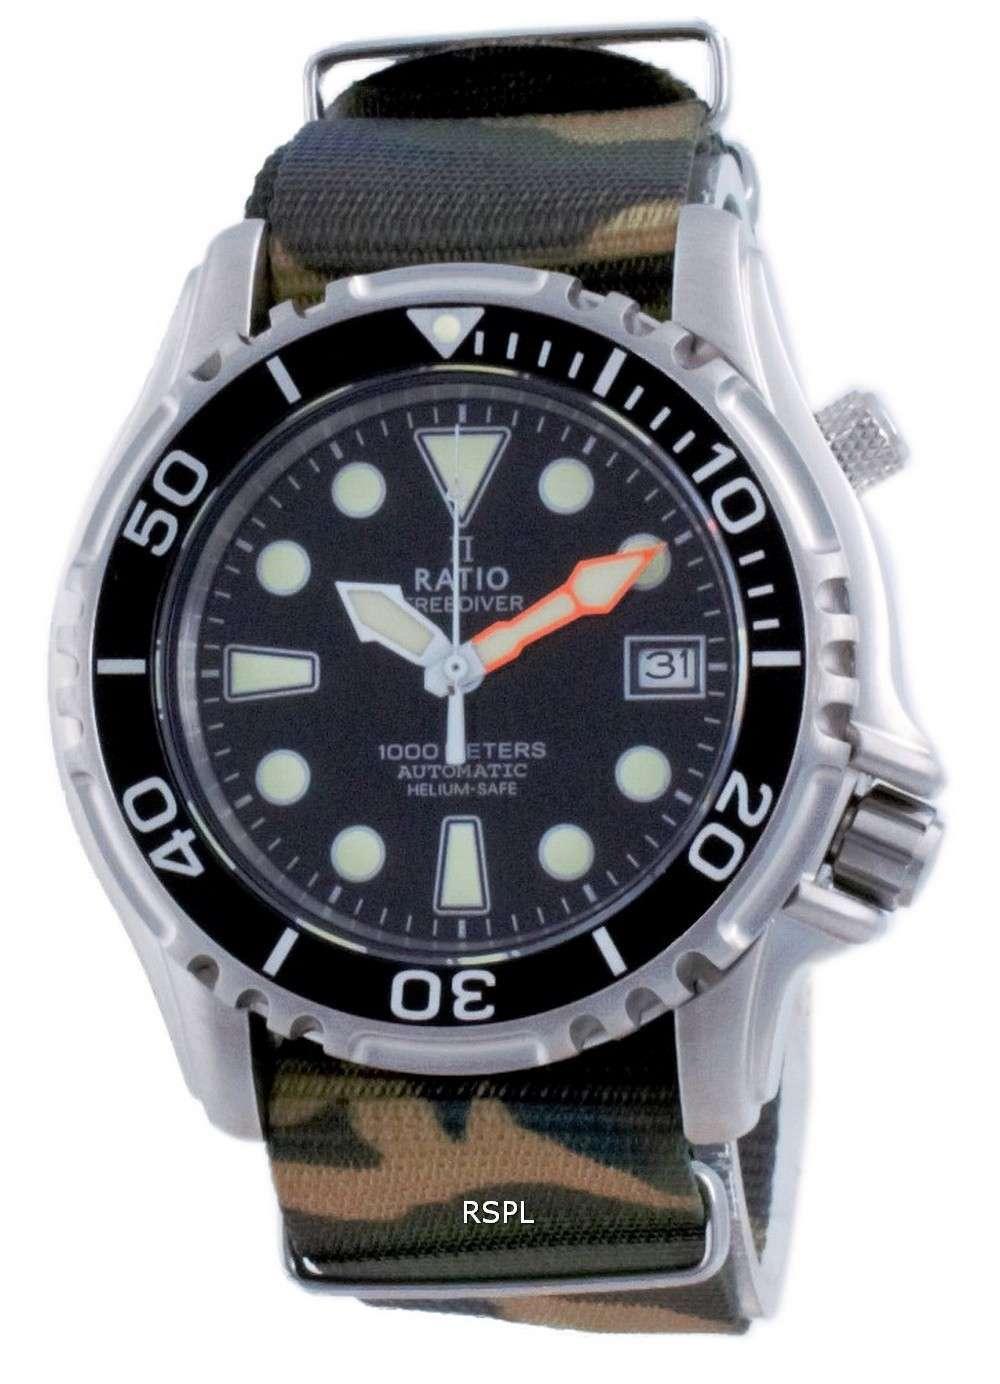 Ratio Free Diver Helium Safe Nylon Automatic Diver&#39,s 1066KE20-33VA-BLK-var-NATO5 1000M Reloj para hombre